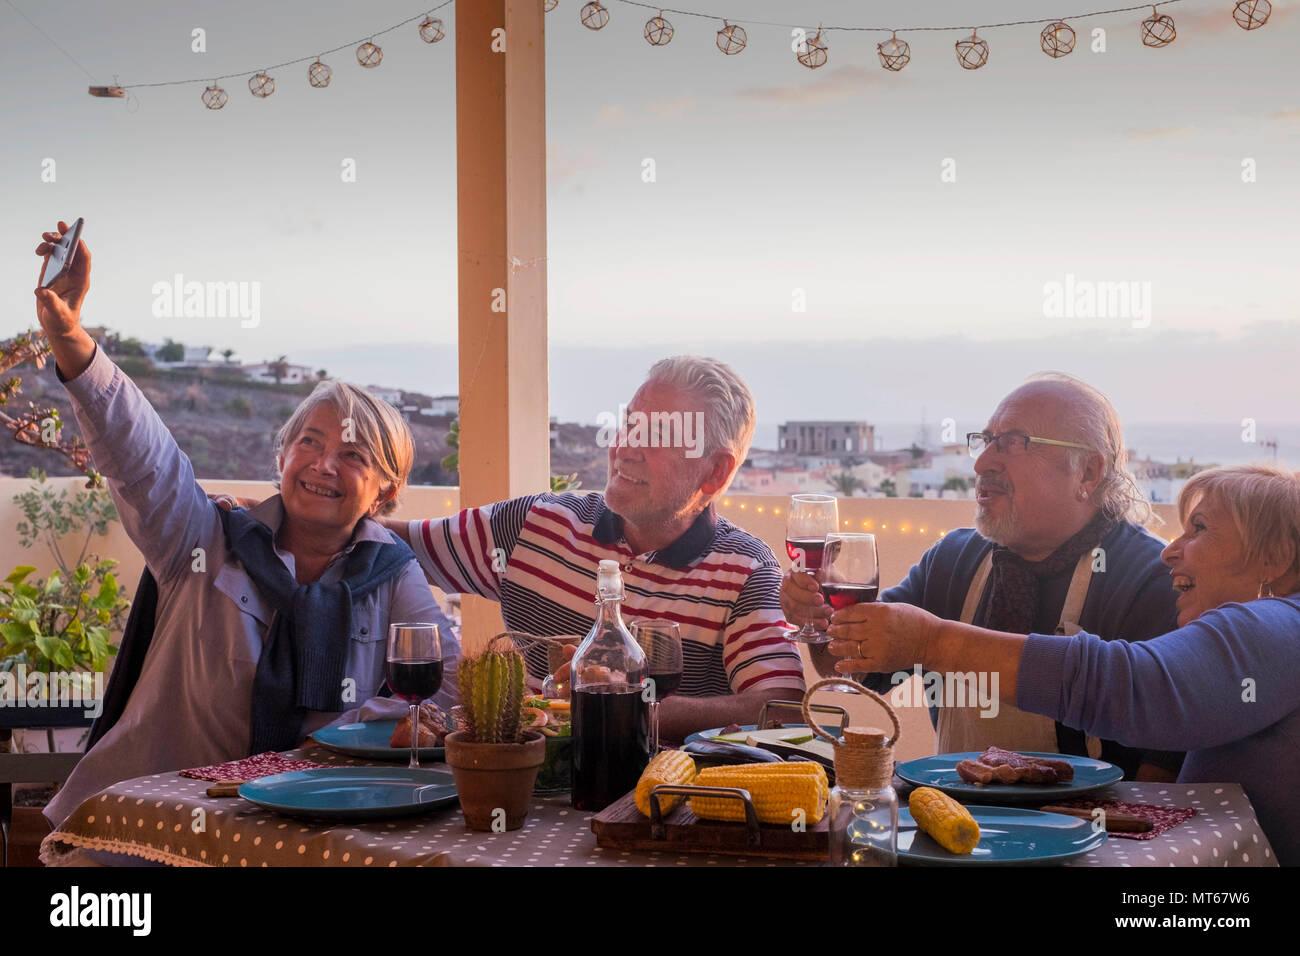 Gruppe der Erwachsenen Freunde ältere Menschen im Ruhestand Spaß ein Bild wie selfie alle zusammen bei einem Abendessen im Freien auf der Terrasse Dachterrasse feiern. Stockbild